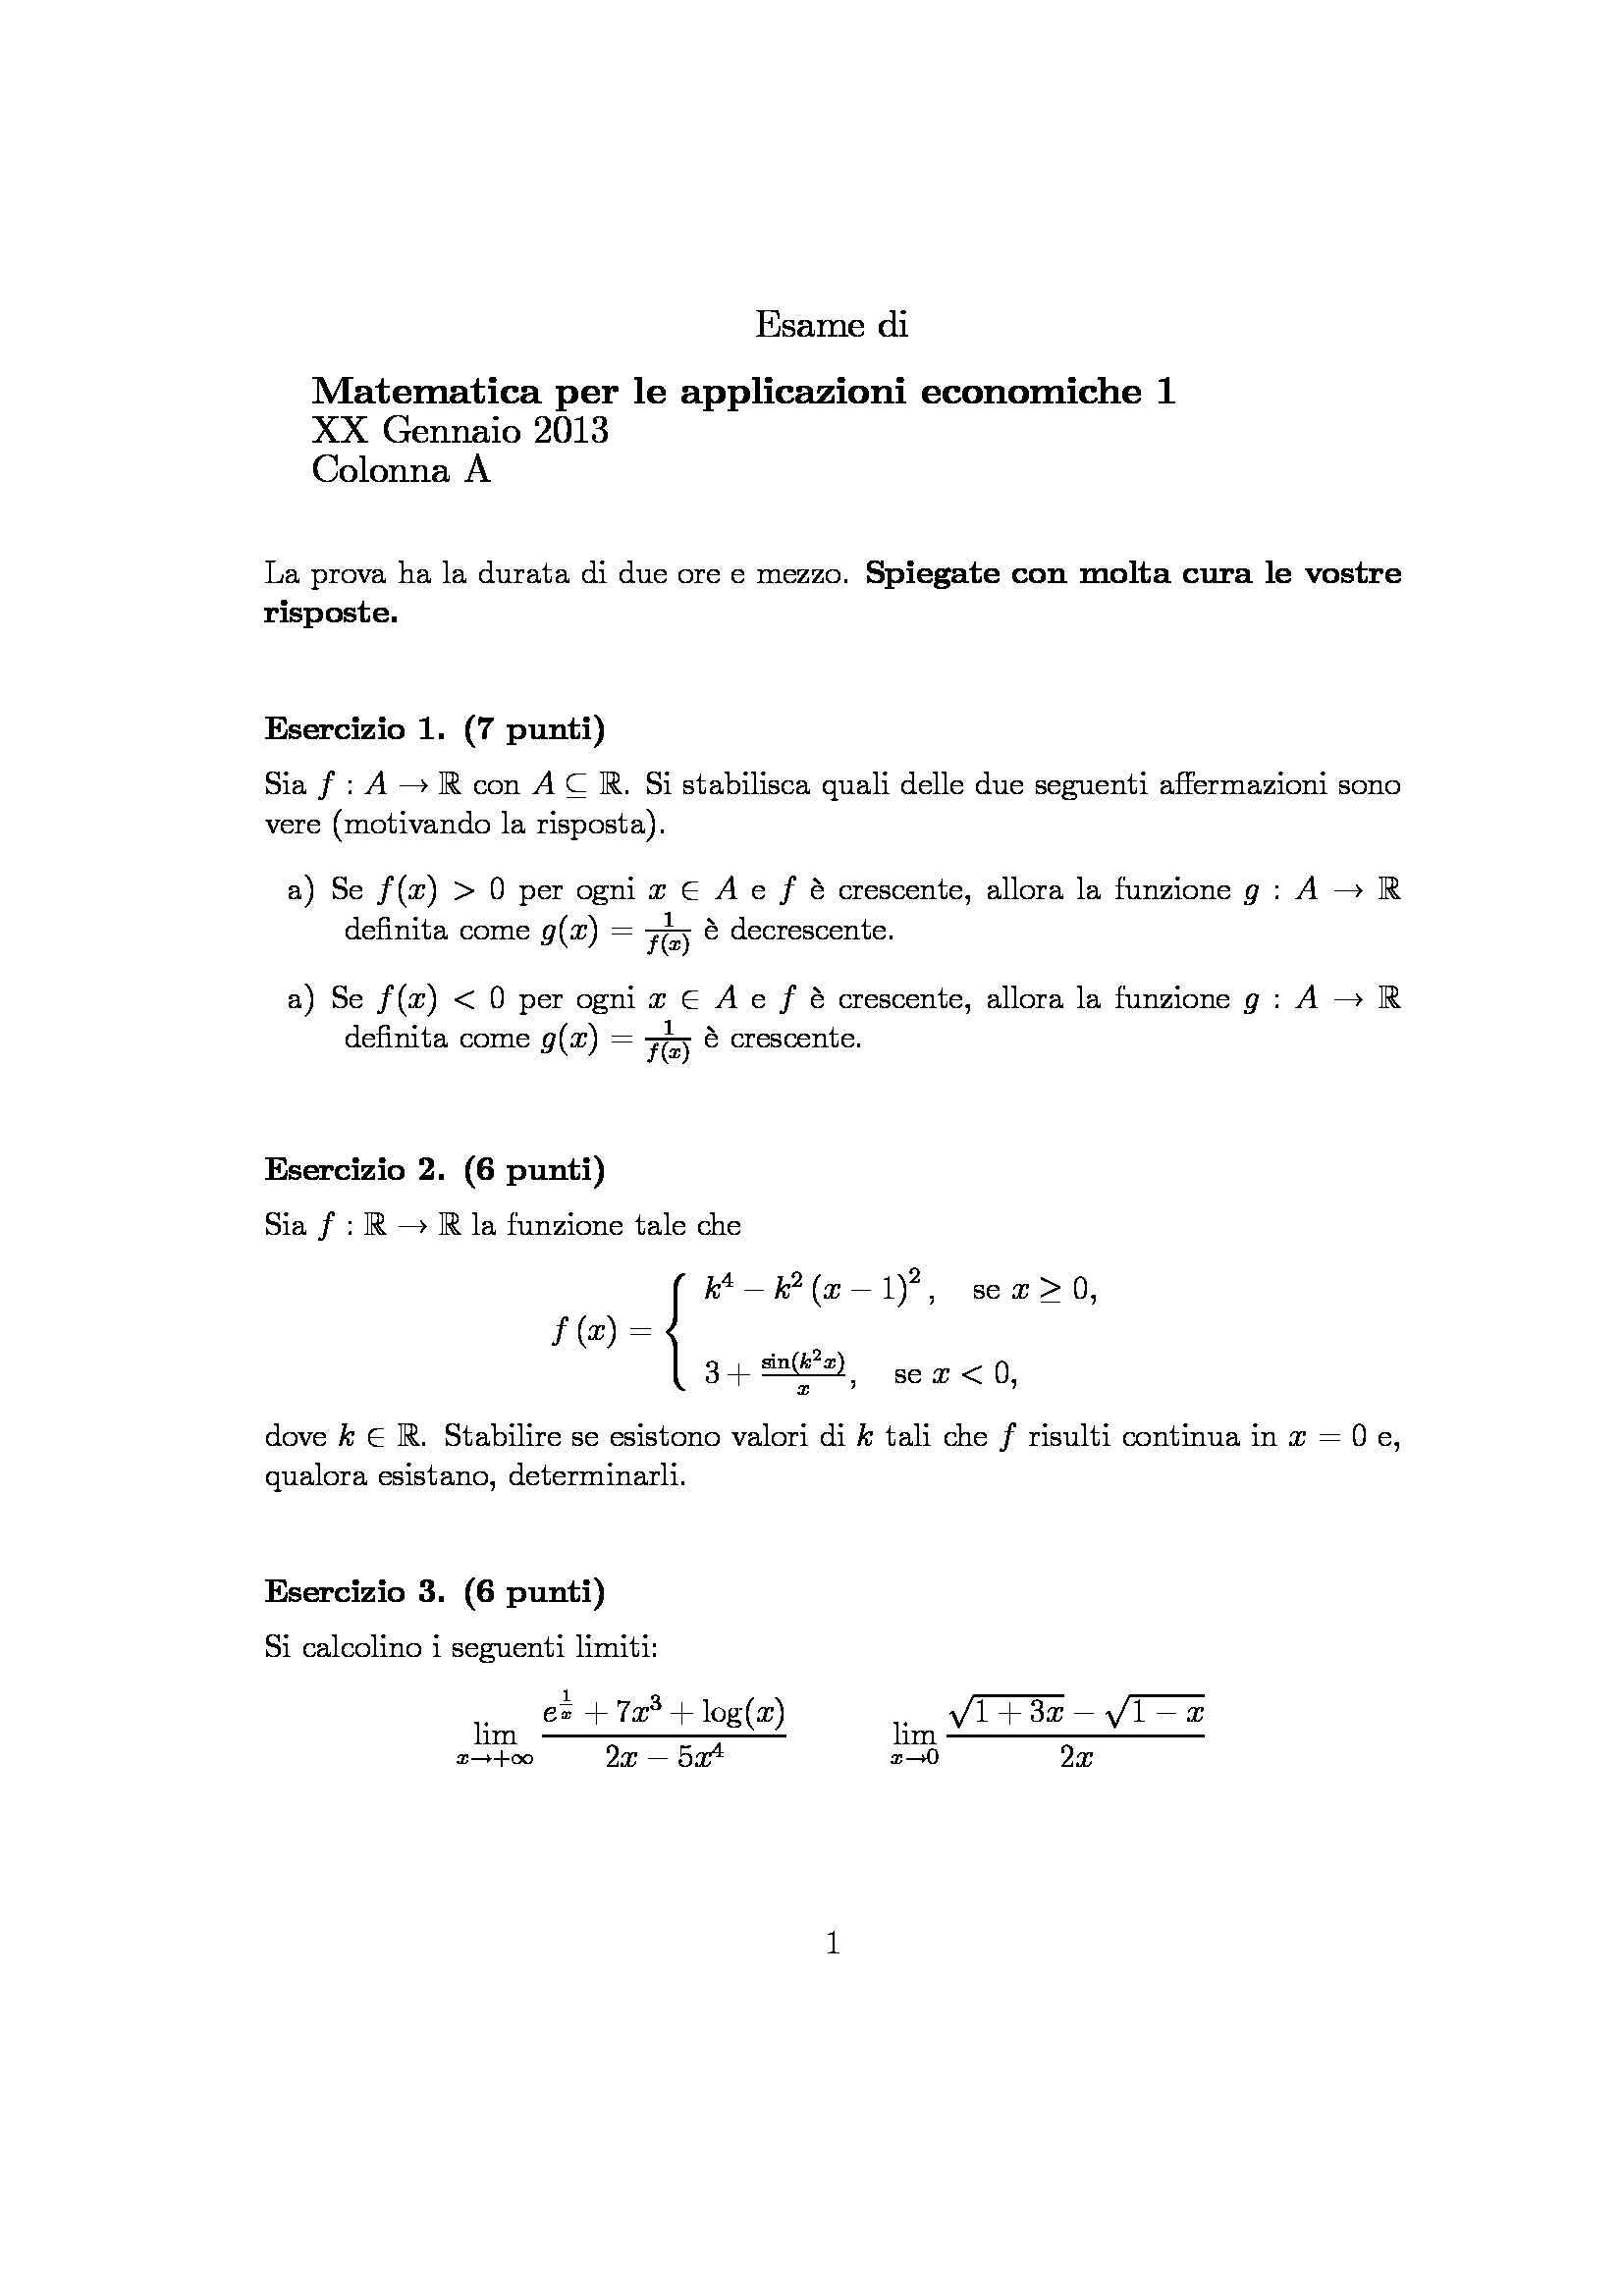 Matematica per le applicazioni economiche - esercizi Pag. 2